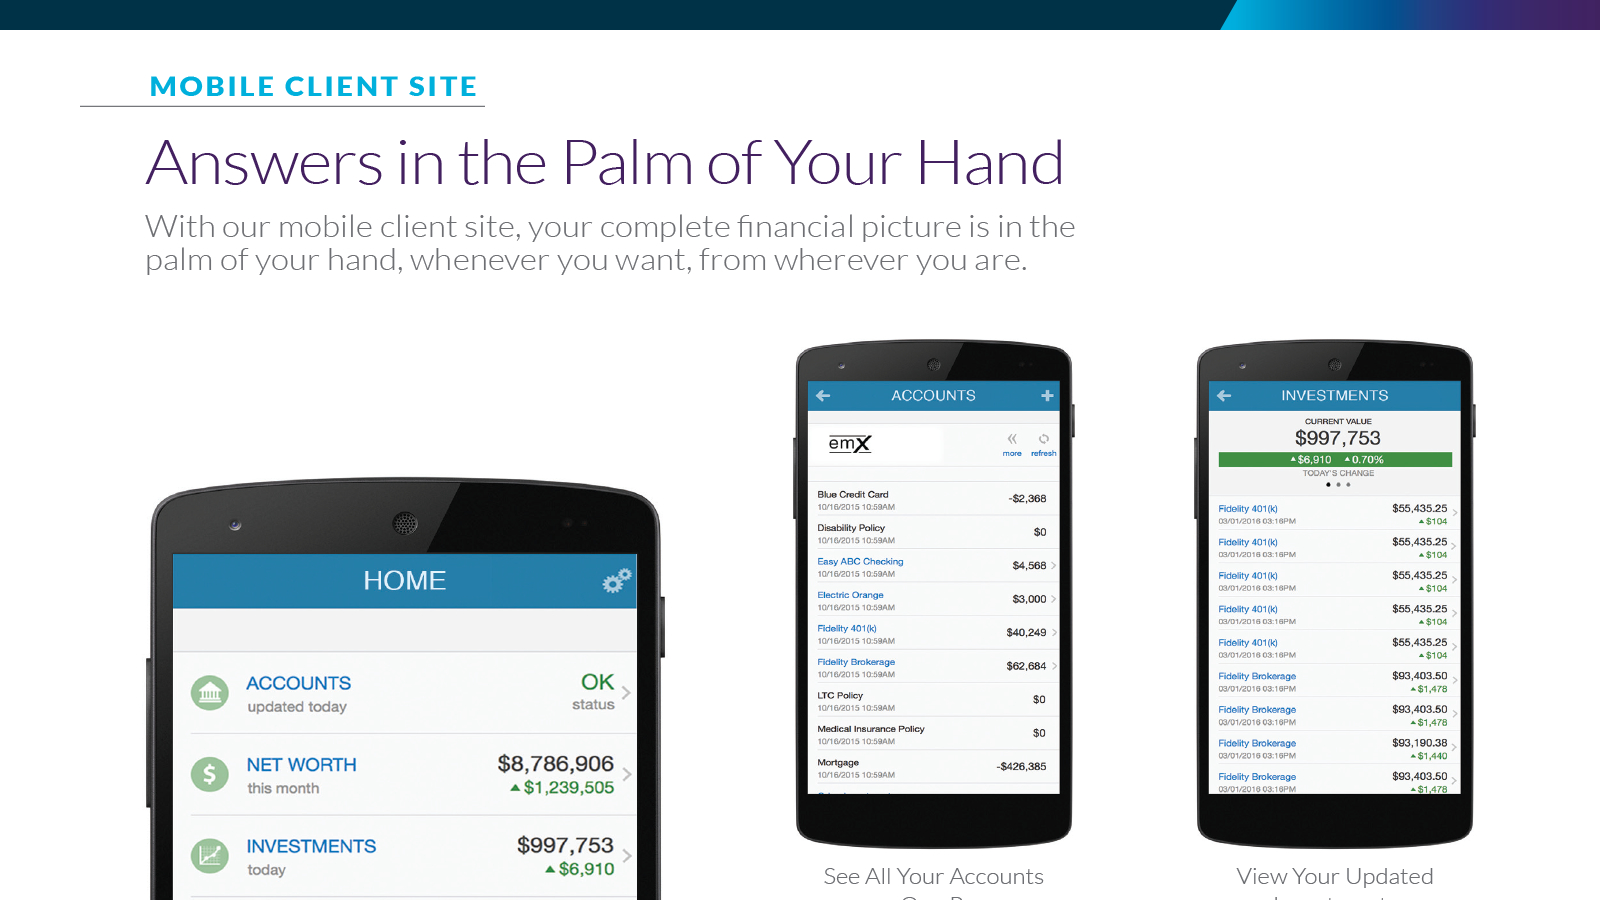 Mobile Client Site [PDF Download]